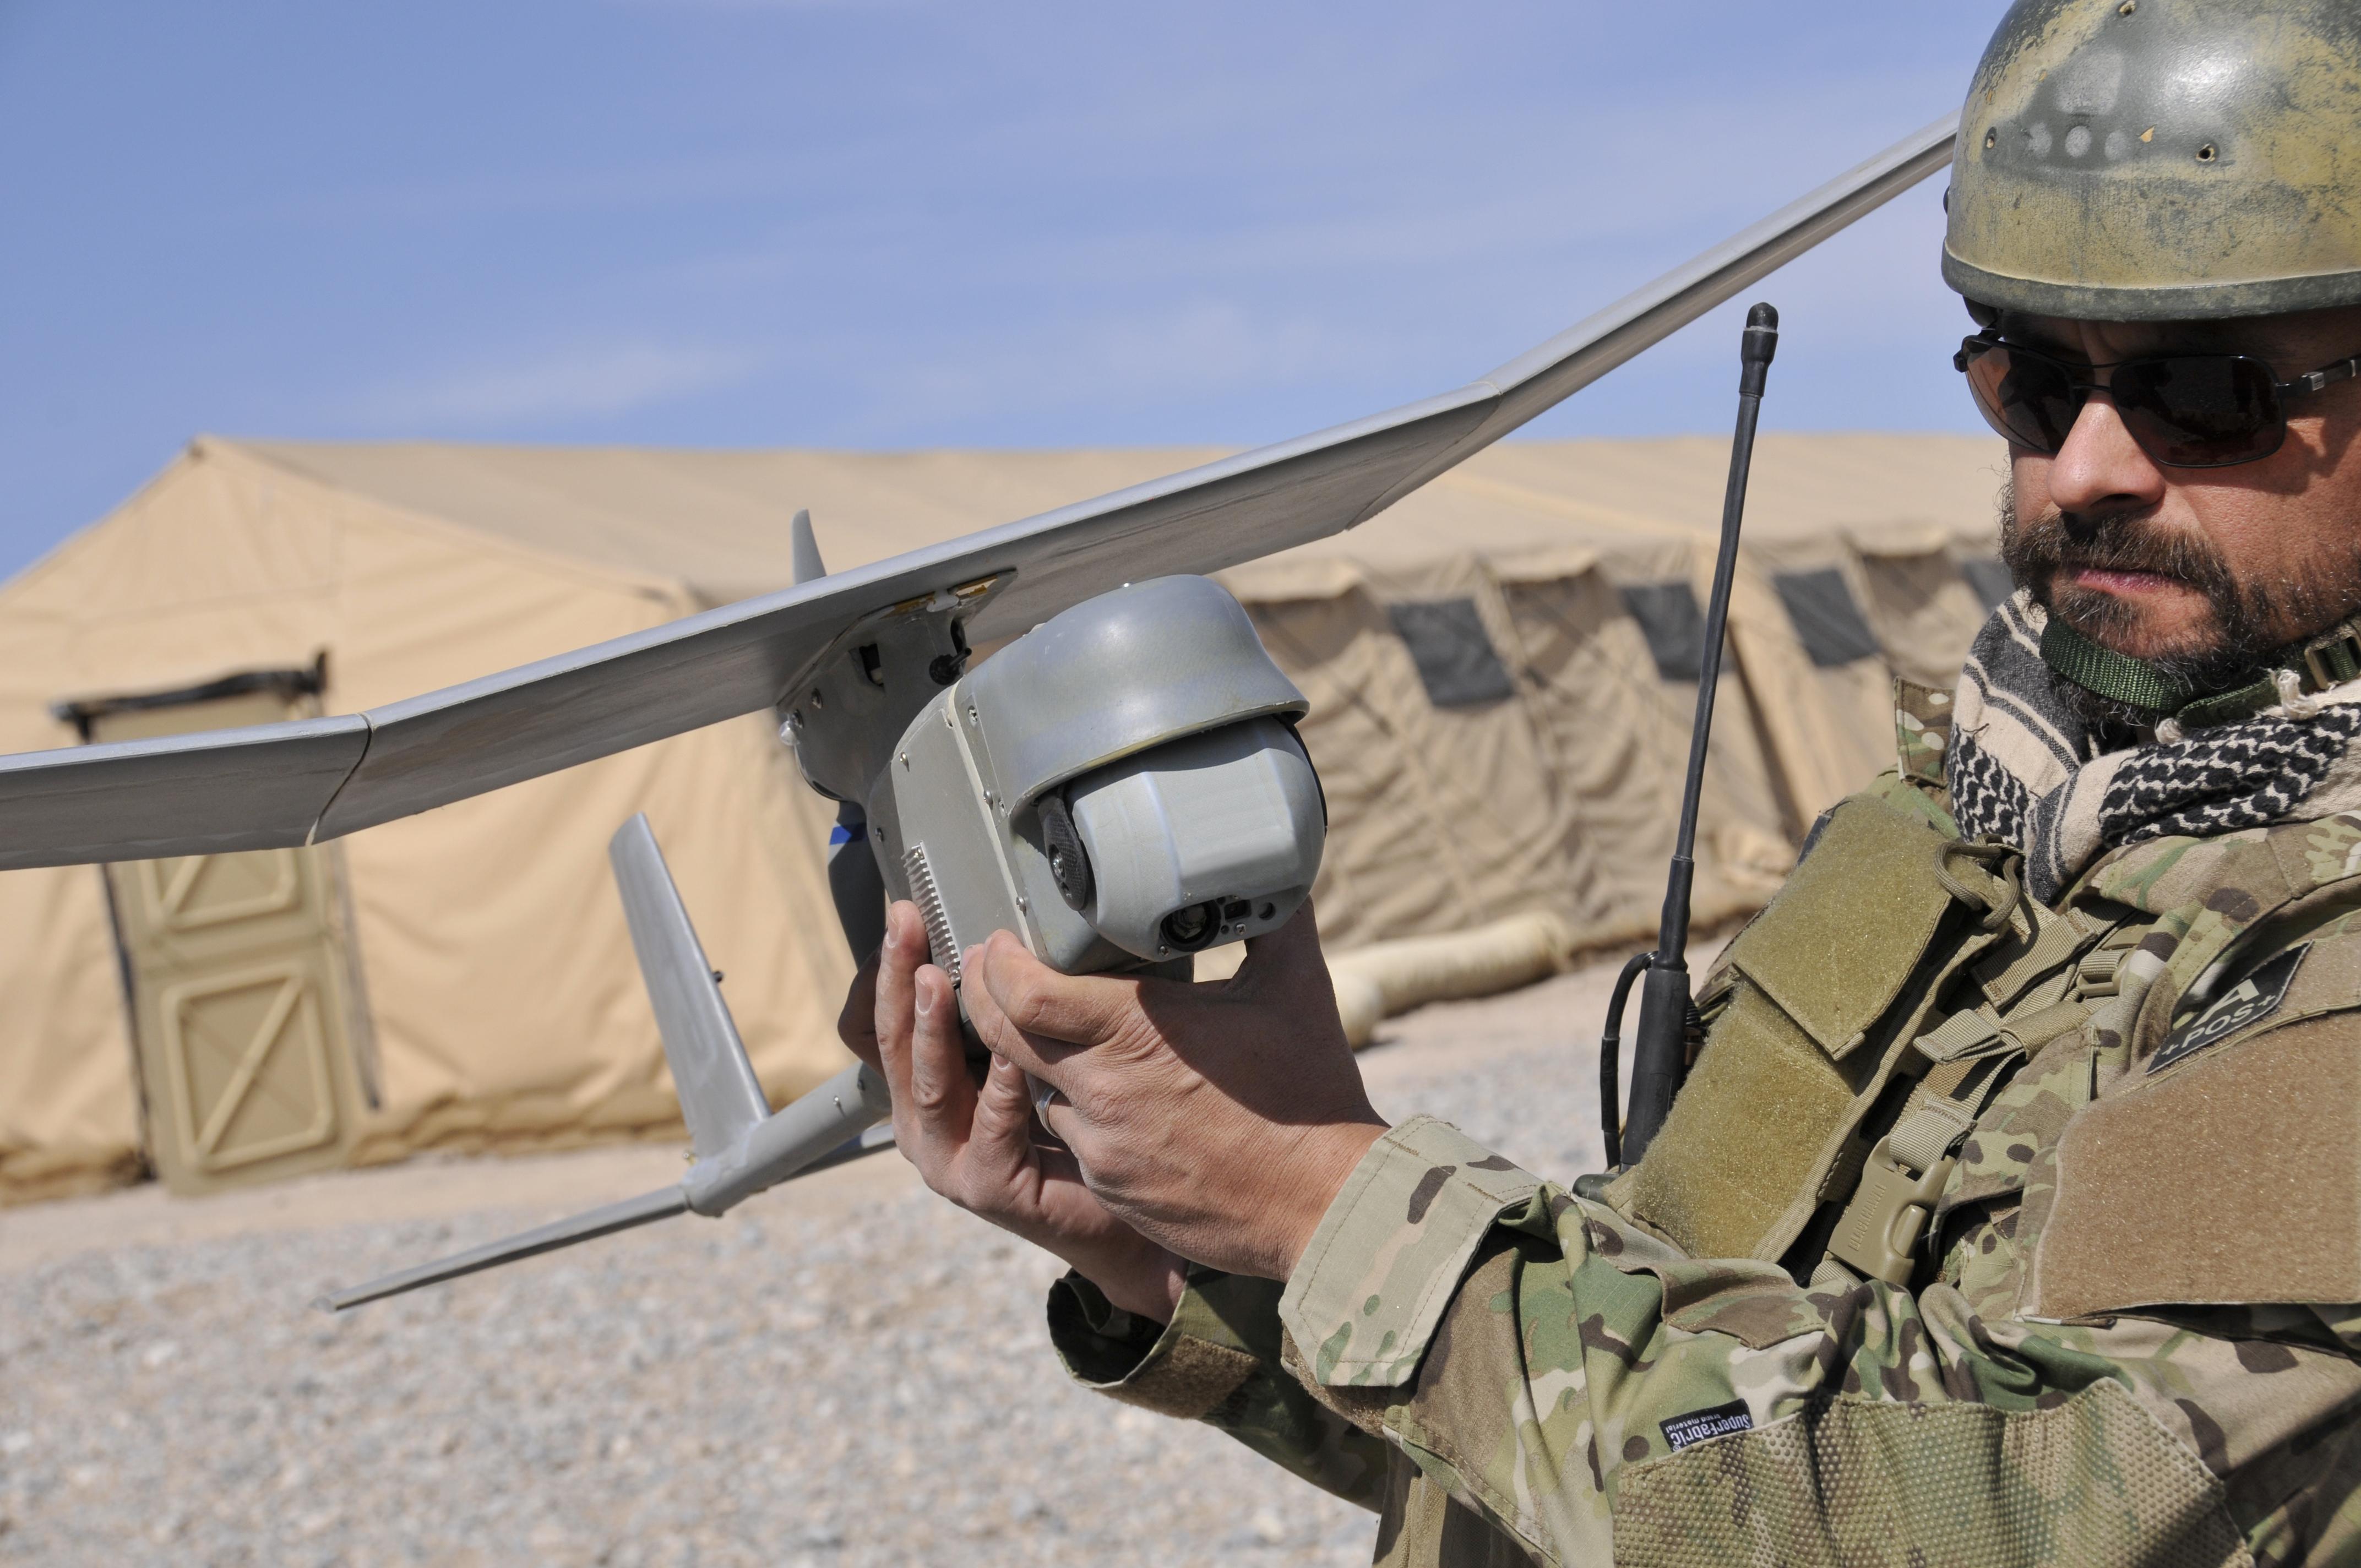 Полученные ВСУ американские разведывательные беспилотники RQ-11B Raven («Ворон») помогают сохранить жизни нашим военным